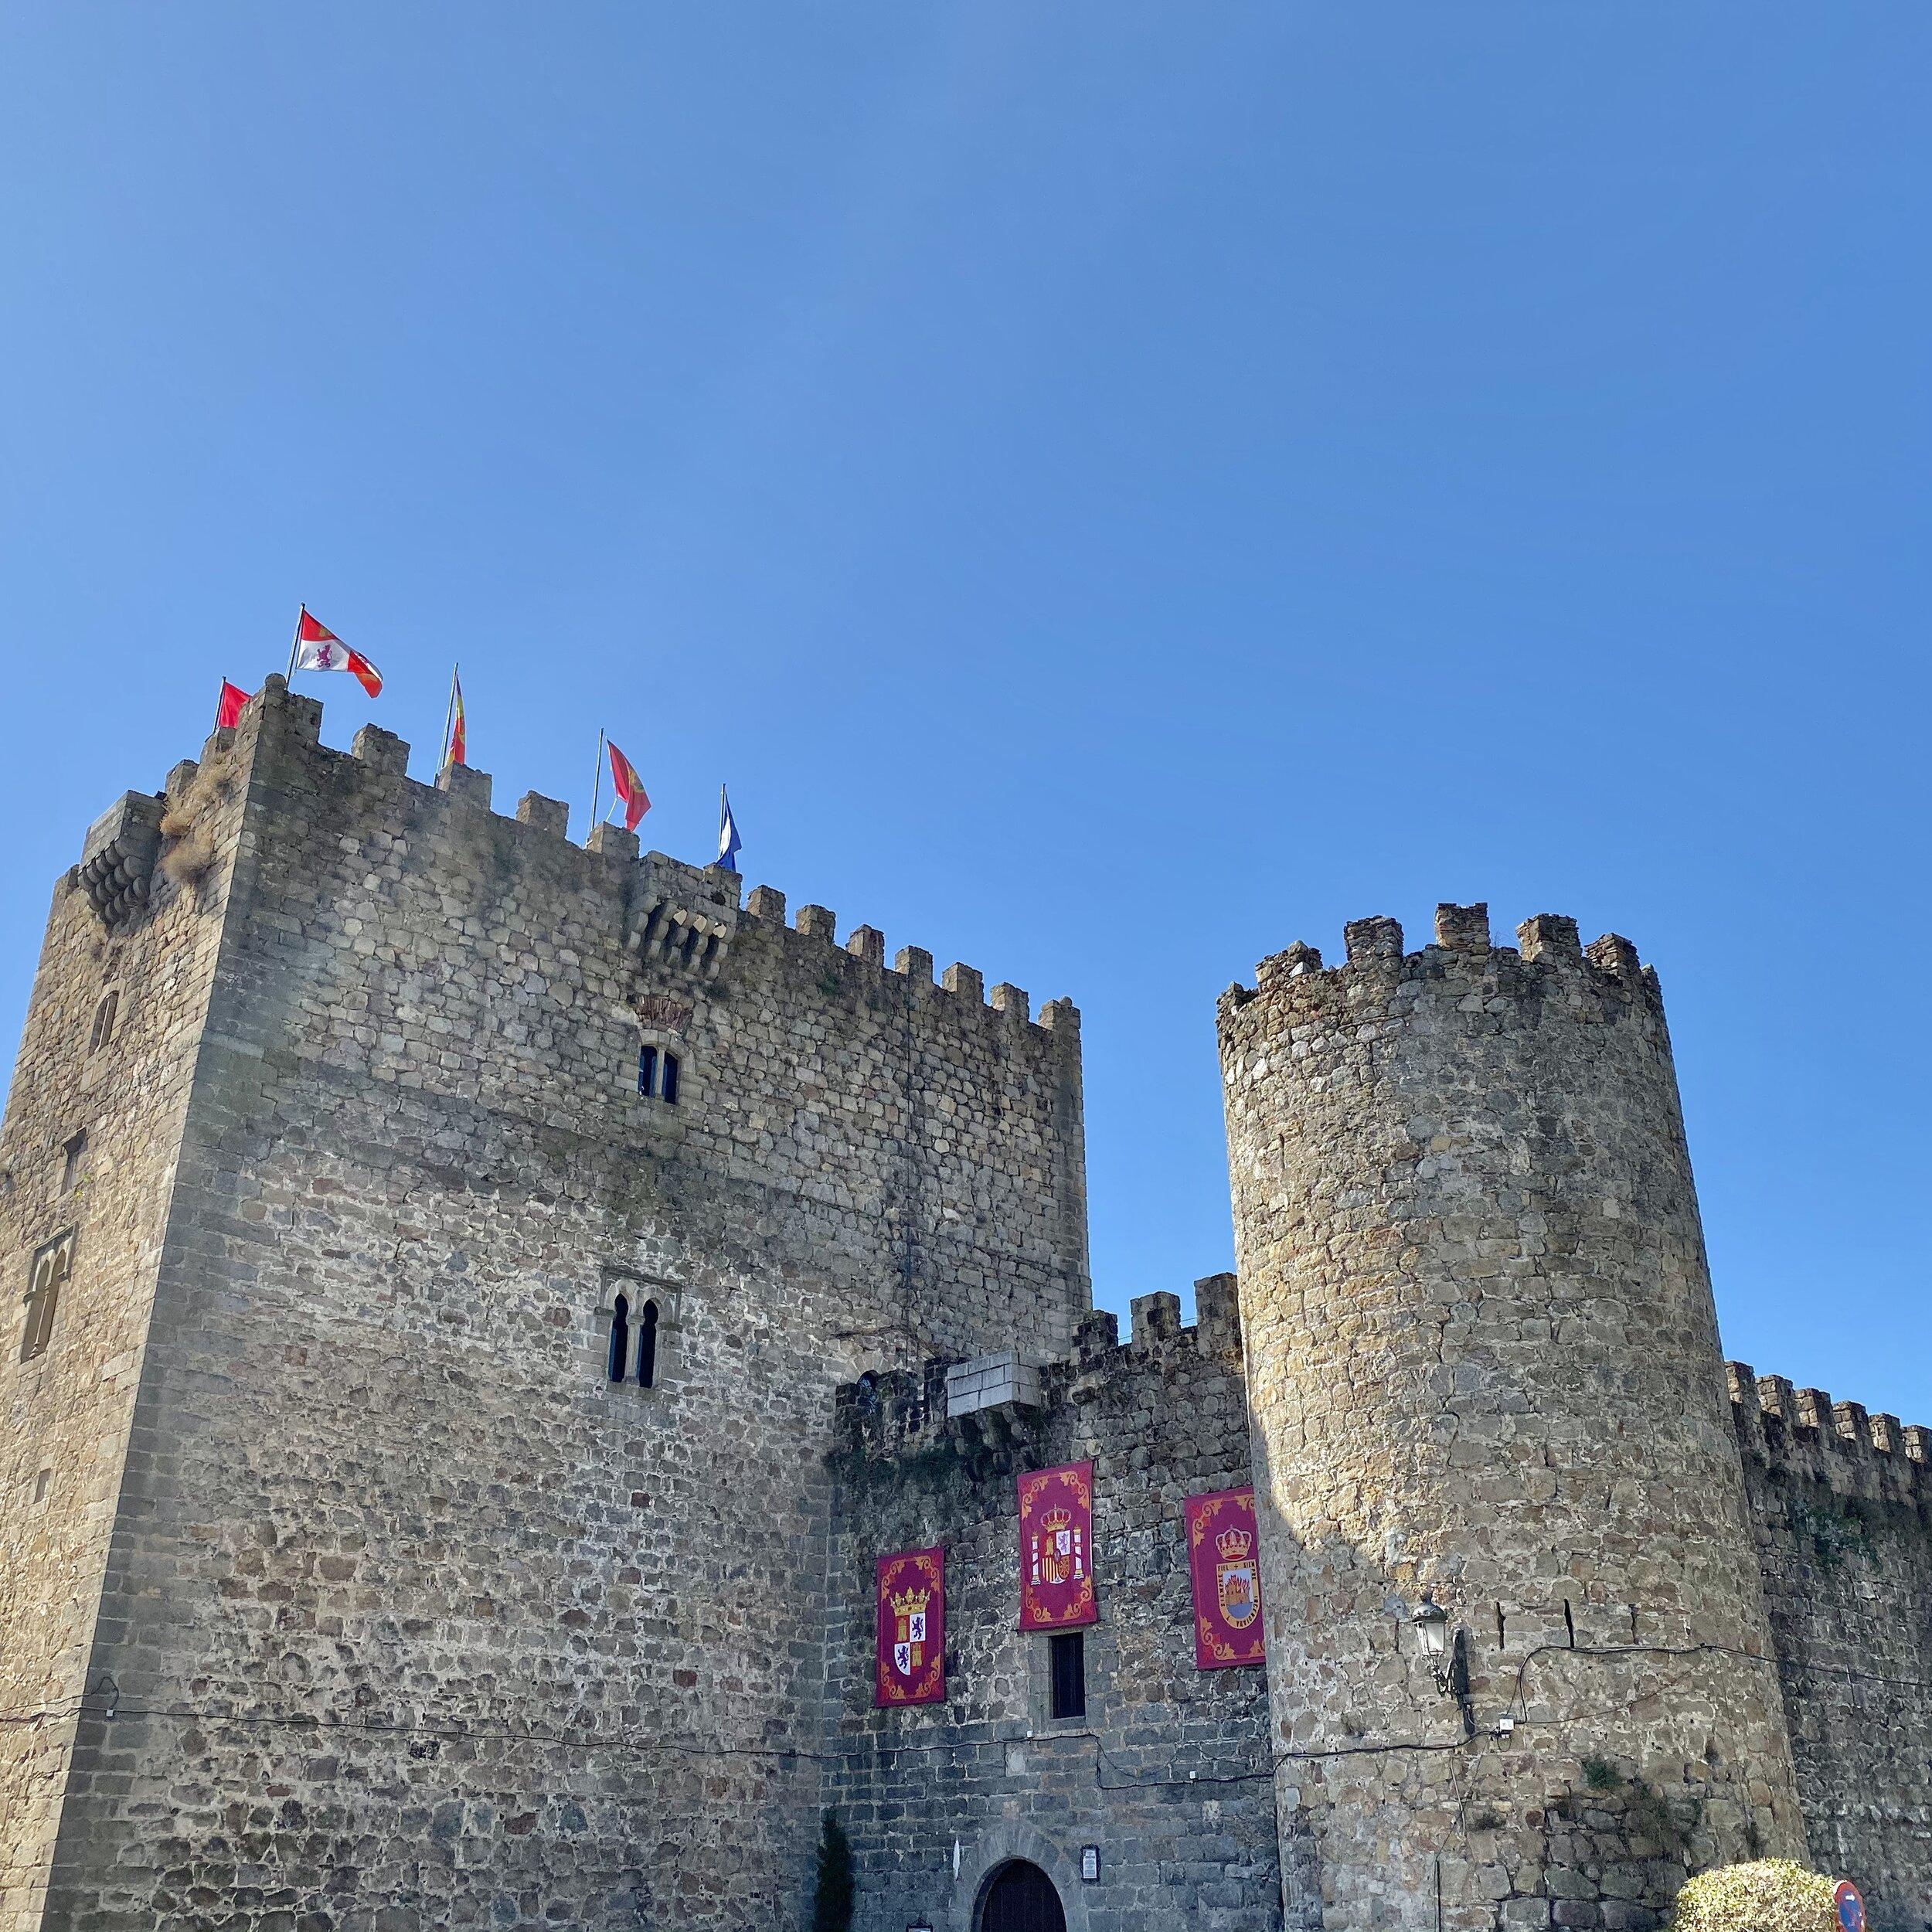 Vista exterior del castillo de Arenas de San Pedro.